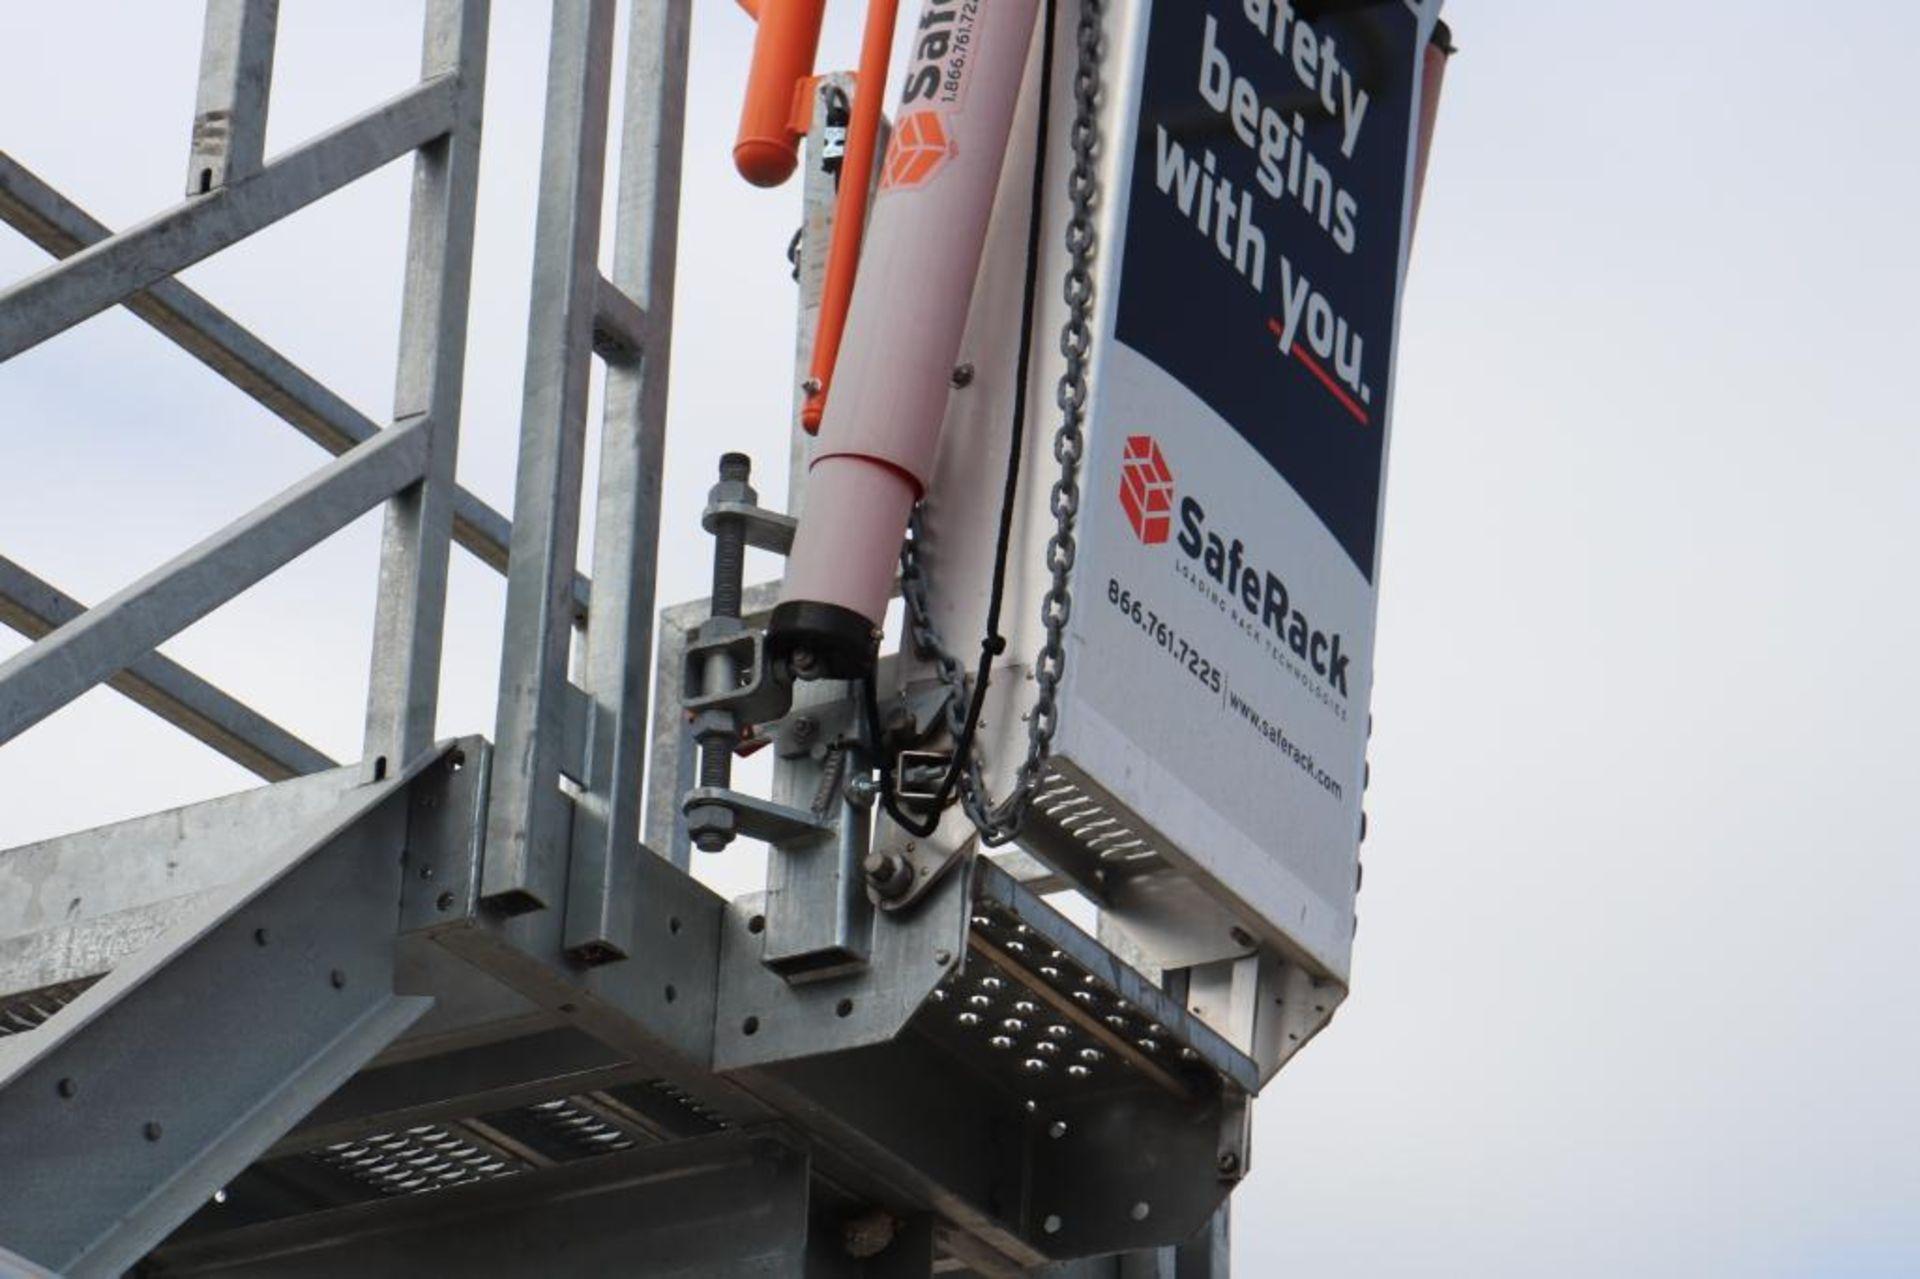 SafeRack truck loading and unloading platform - Image 10 of 10